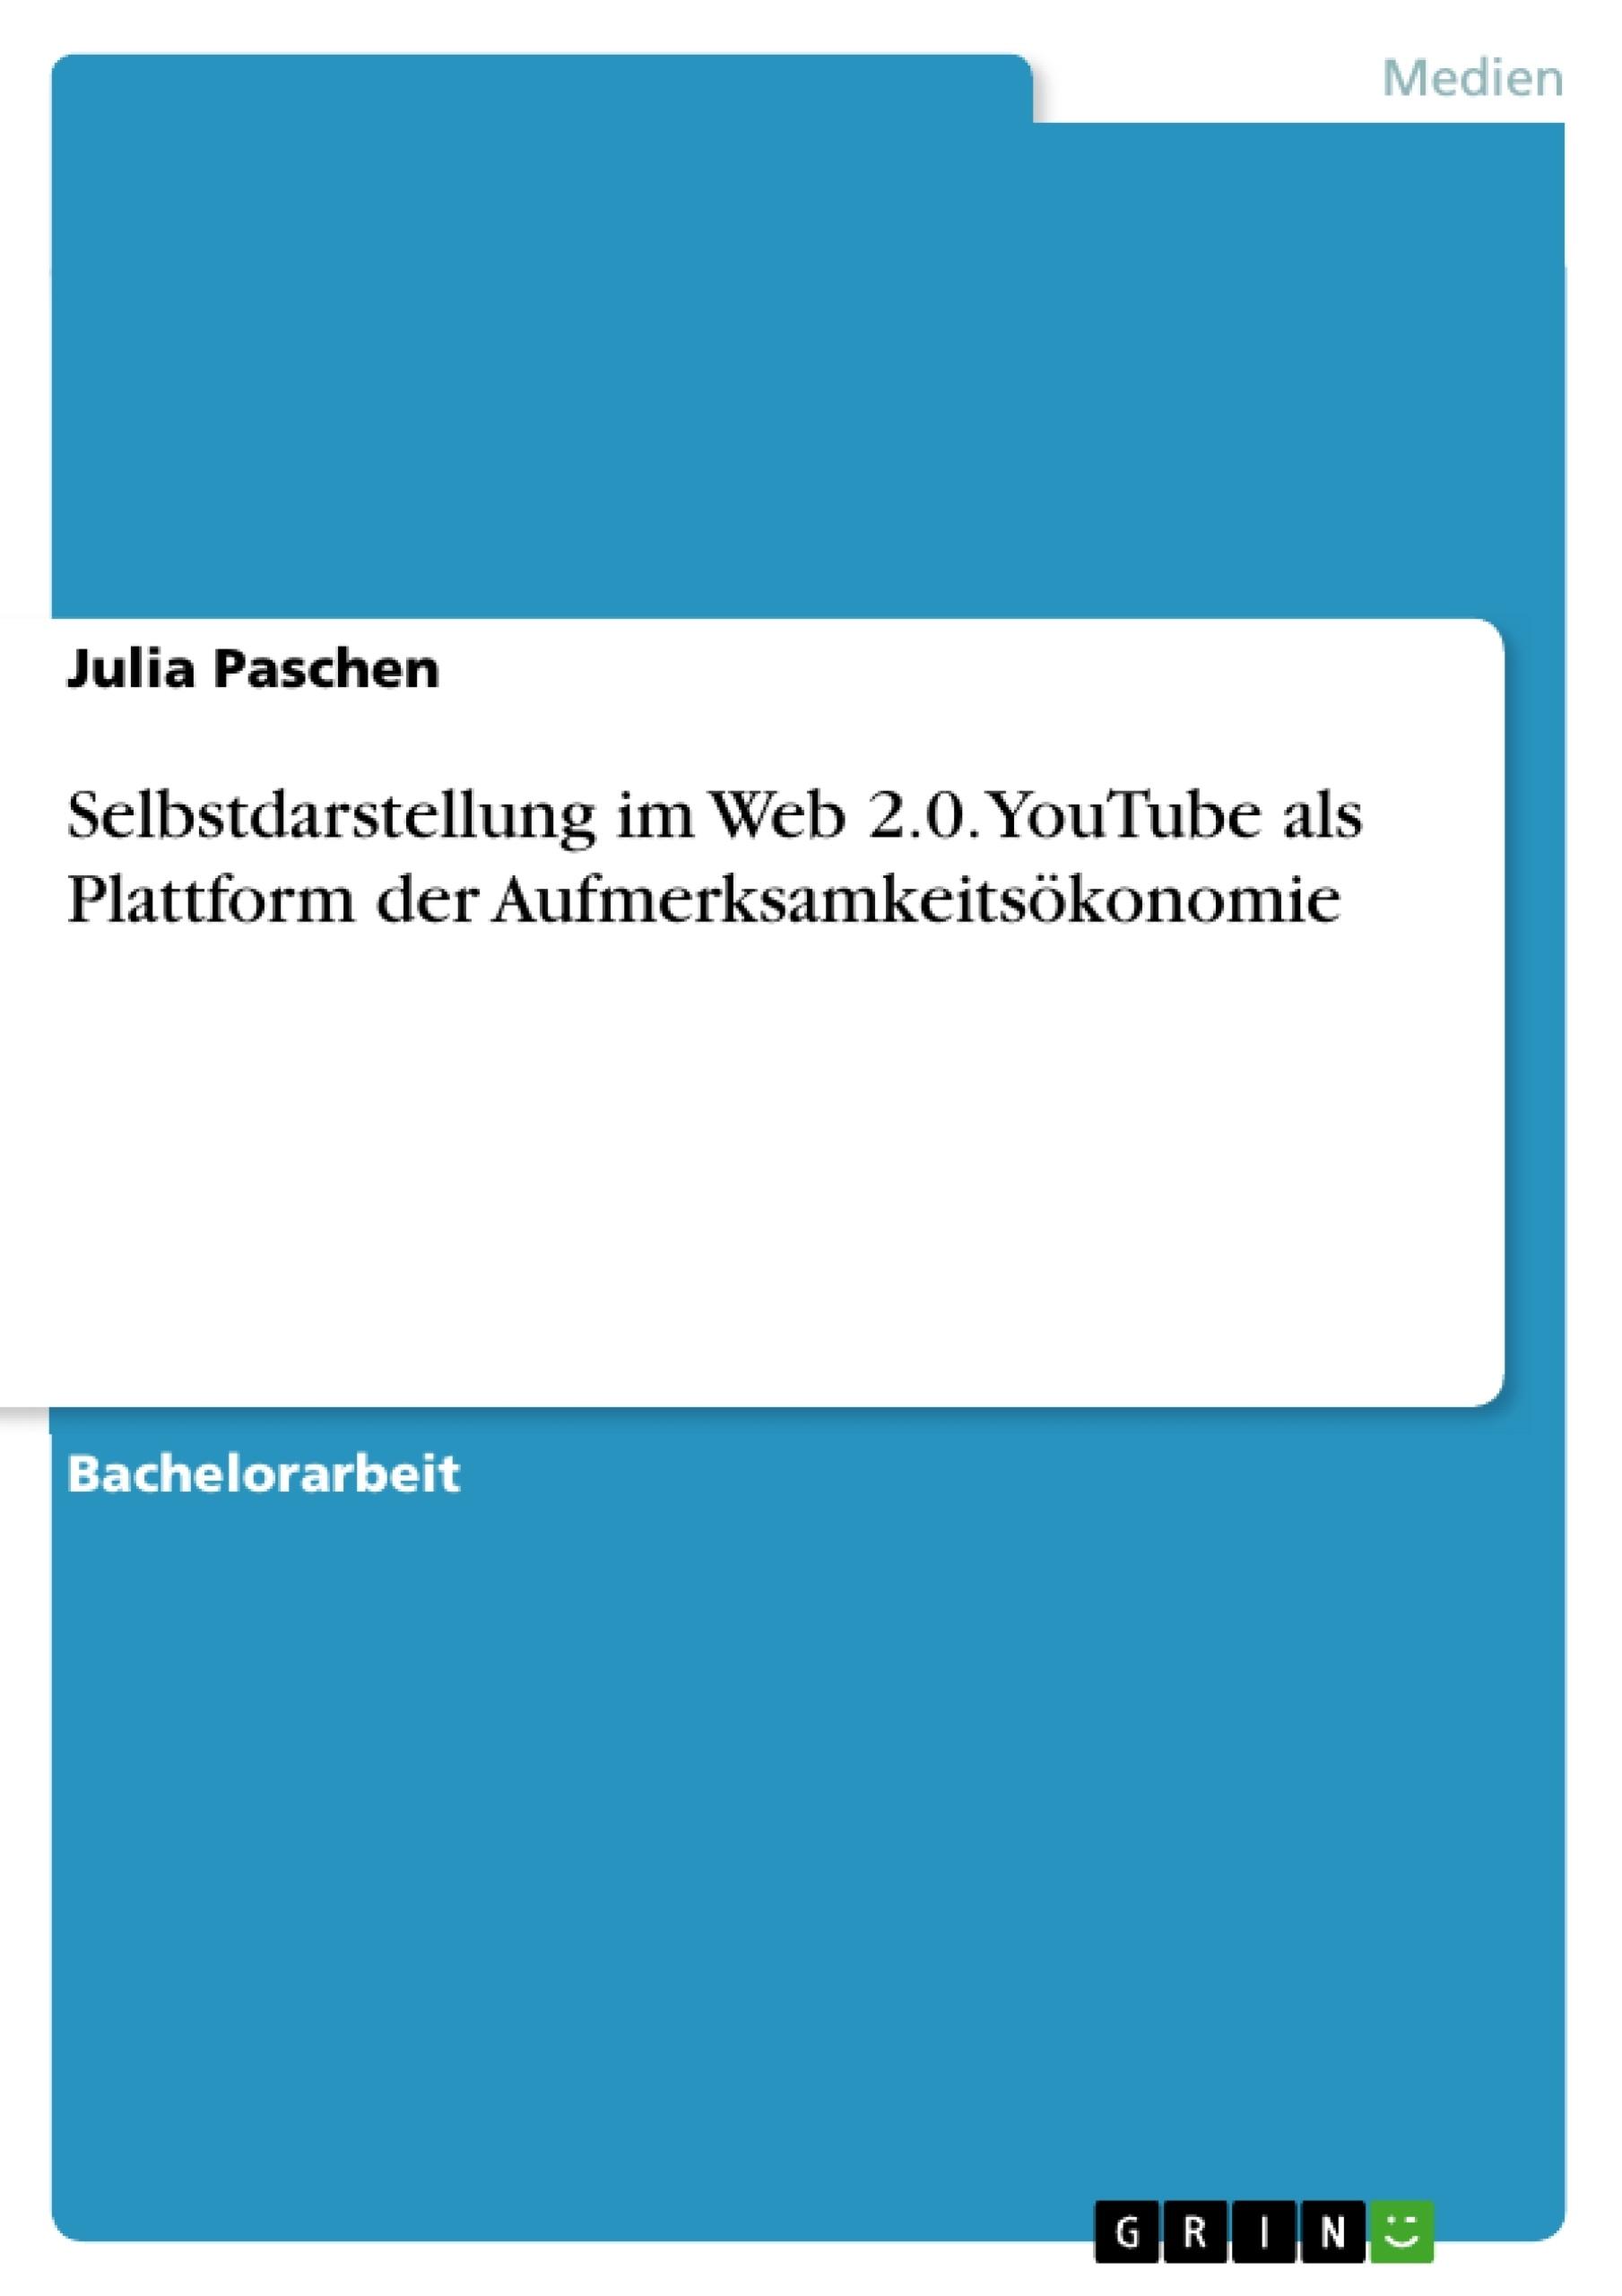 Titel: Selbstdarstellung im Web 2.0. YouTube als Plattform der Aufmerksamkeitsökonomie